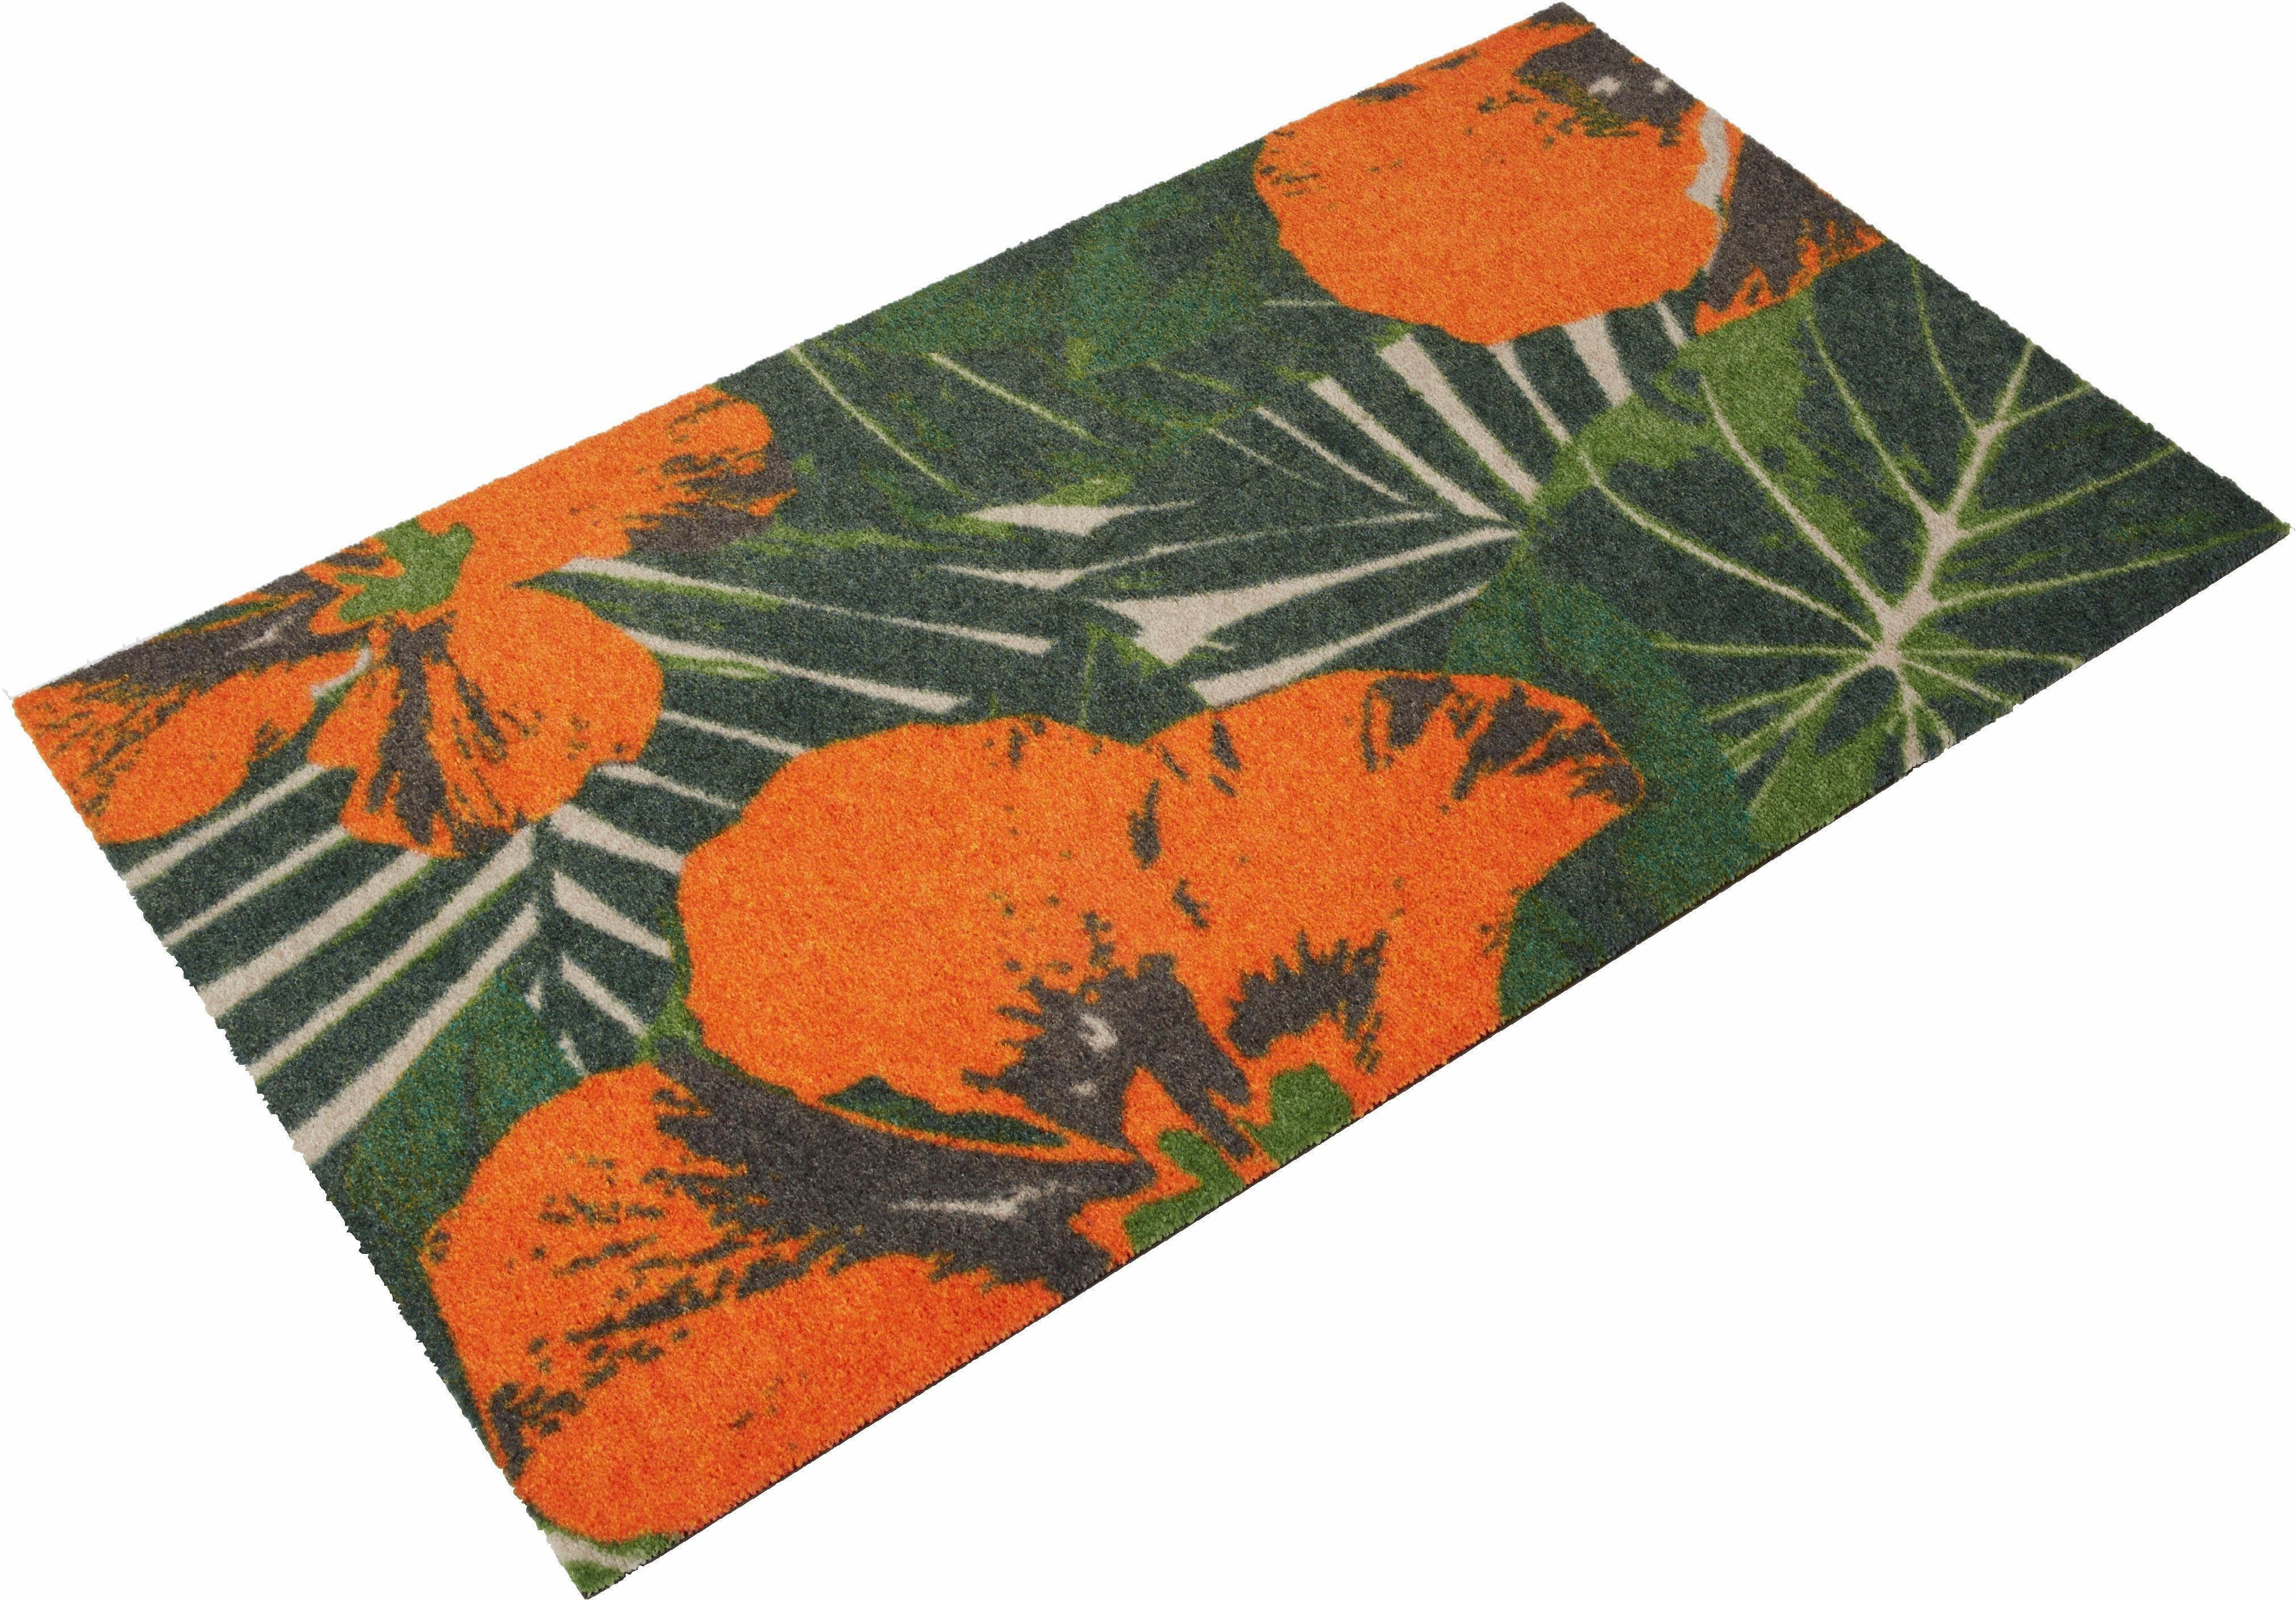 Teppich »Joey«, Mad about Mats, rechteckig, Höhe 9 mm, waschbar